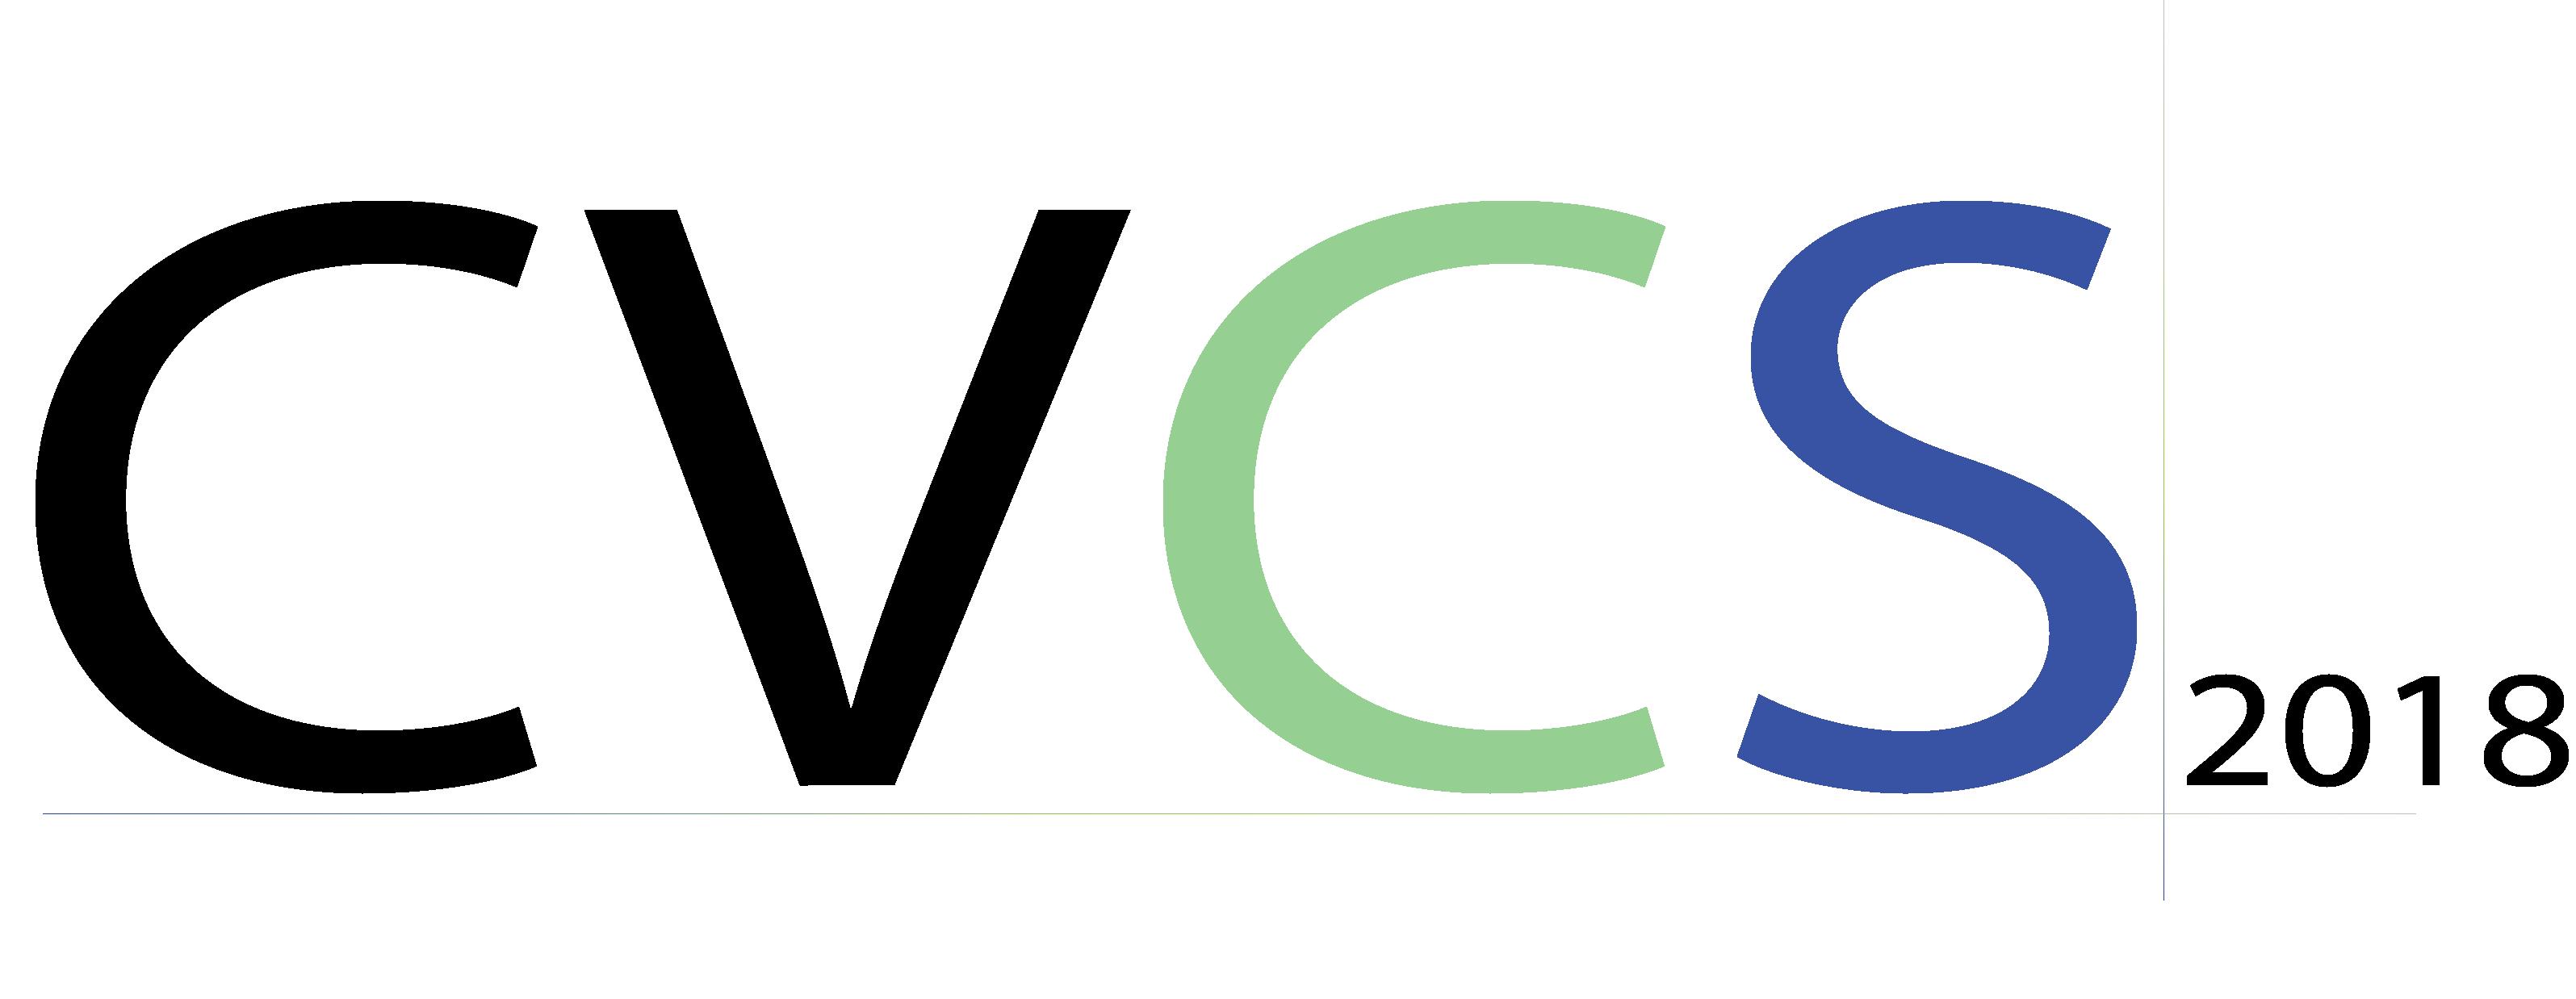 CVCS 2018